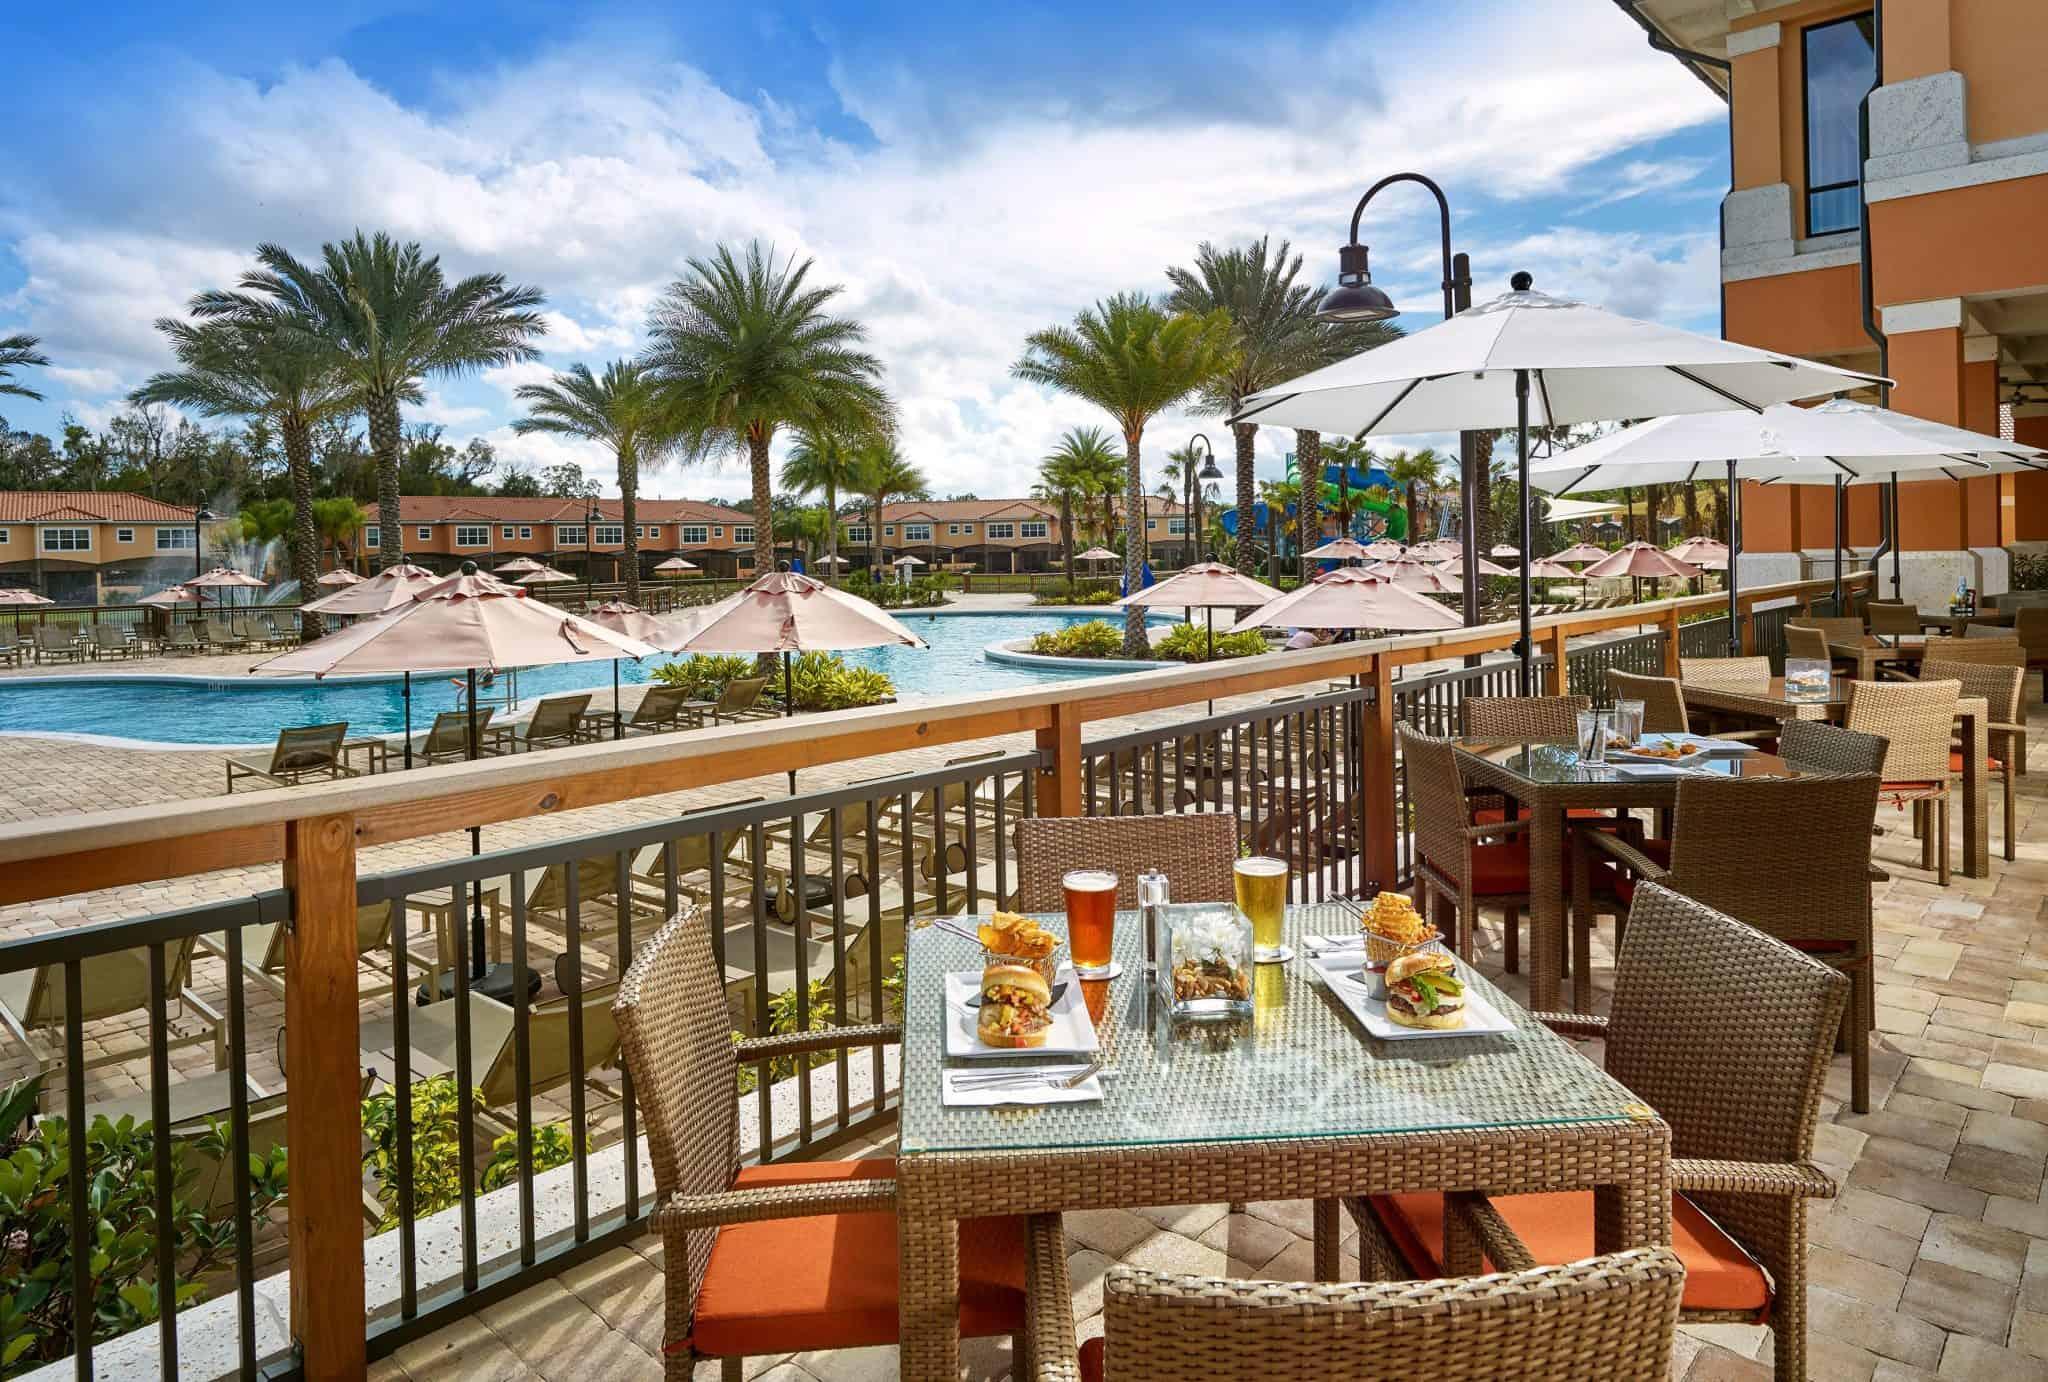 Regal Oaks a CLC Worldwide Resort – Kissimmee